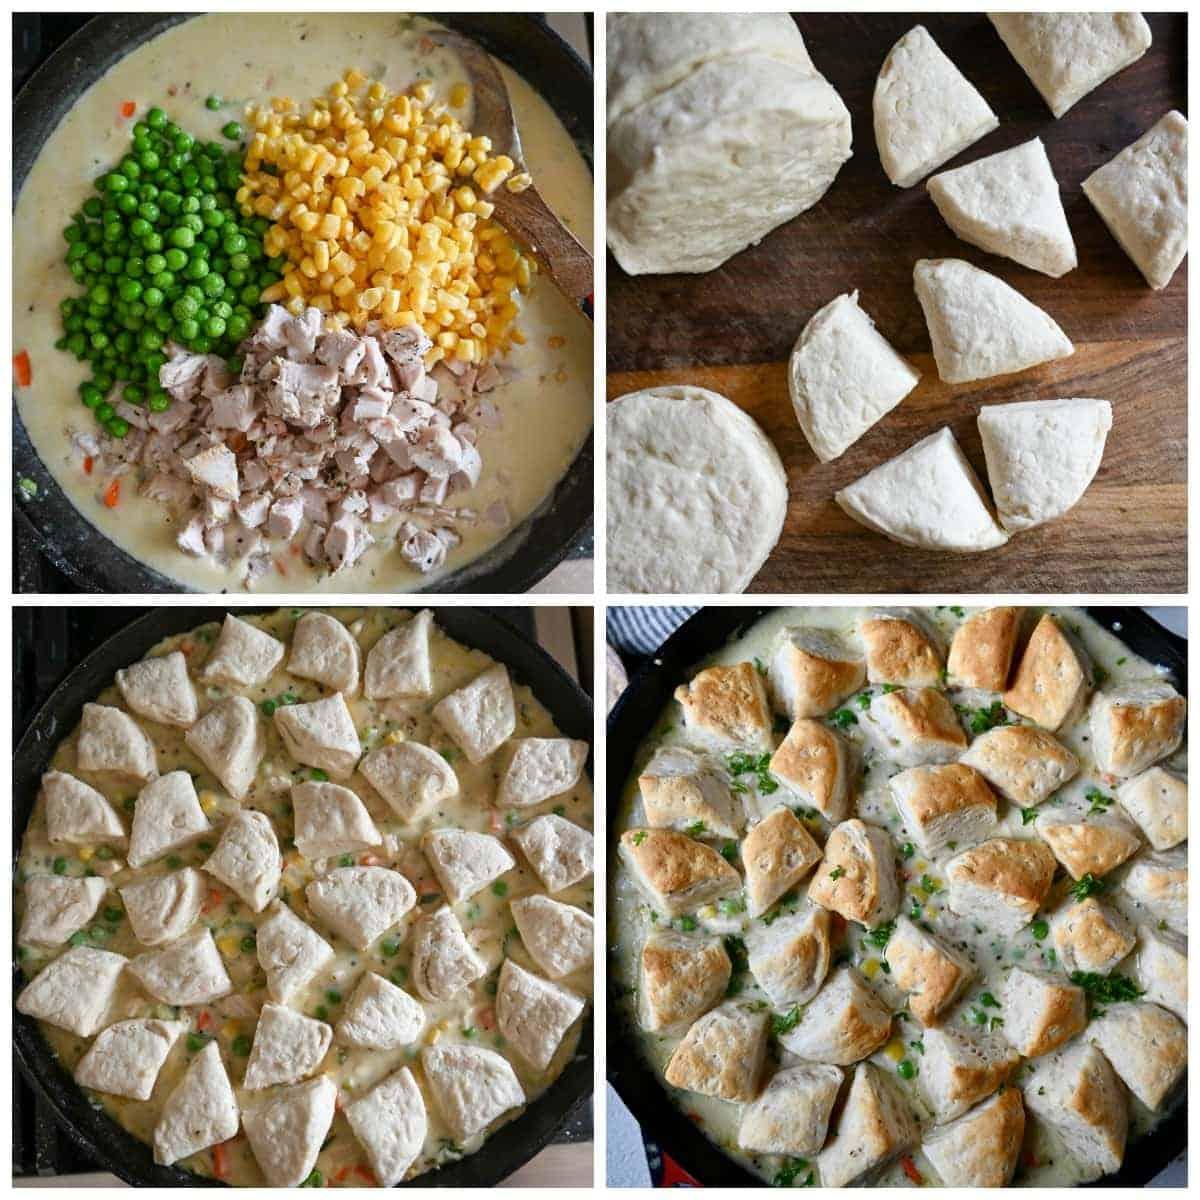 Patru planuri de proces.  Primul, mazăre cubulețe, porumb și pui amestecat cu sos.  În al doilea rând, fursecurile tăiate în sferturi.  În al treilea rând, bucăți de biscuiți dispuse deasupra amestecului din tigaie.  În al patrulea rând, proaspăt din cuptor, maro și spumant.